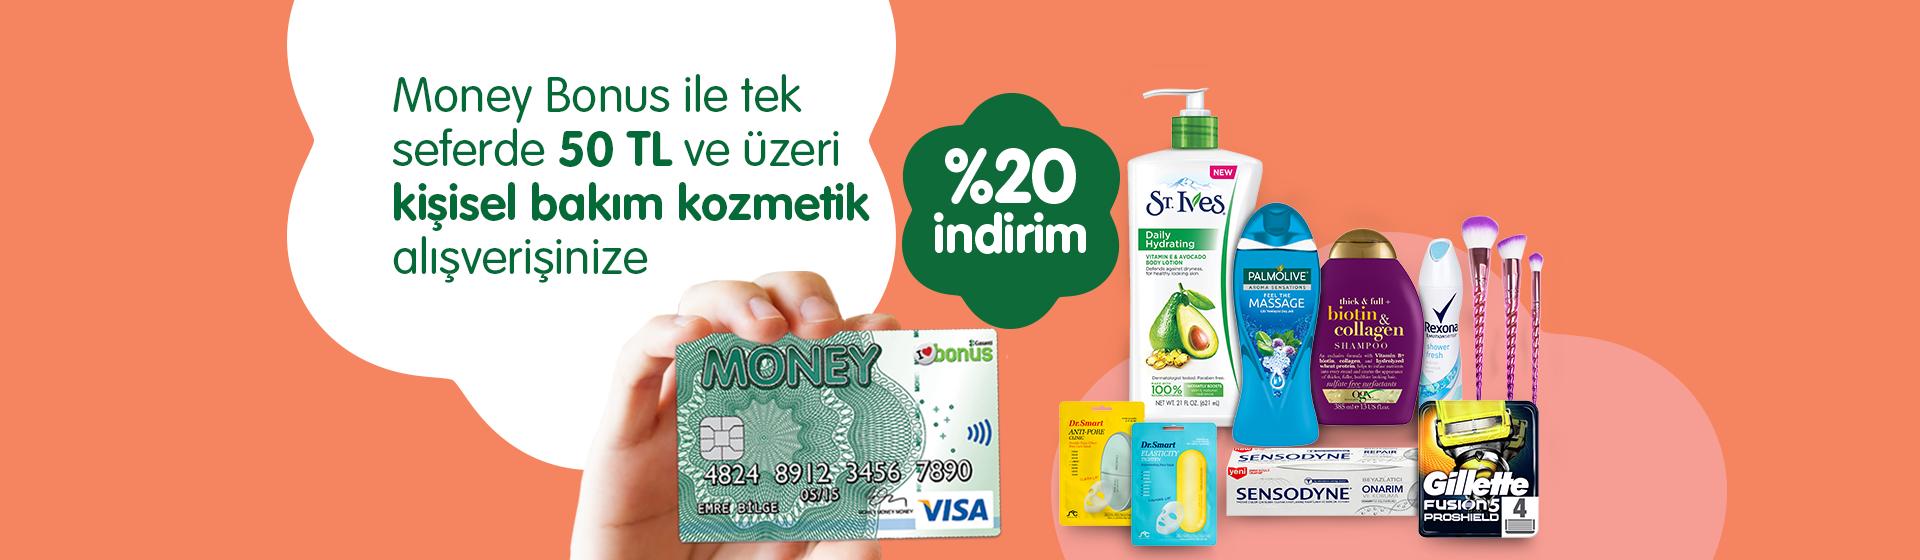 Money Bonus Kişisel Bakım Kozmetik Kampanyası